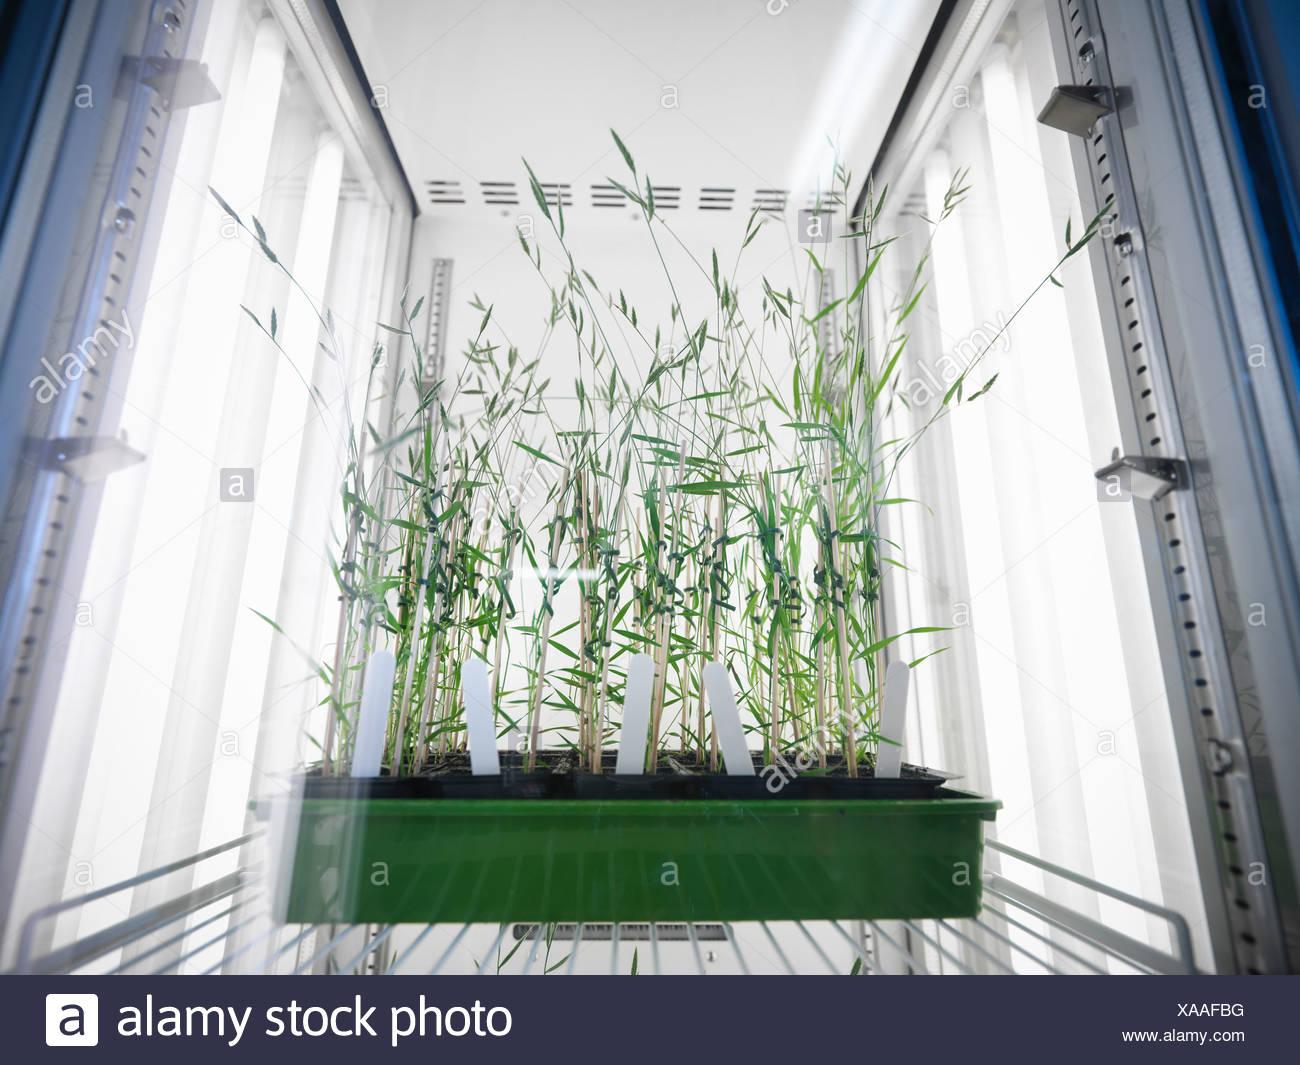 Las plantas que crecen en el laboratorio nevera Imagen De Stock